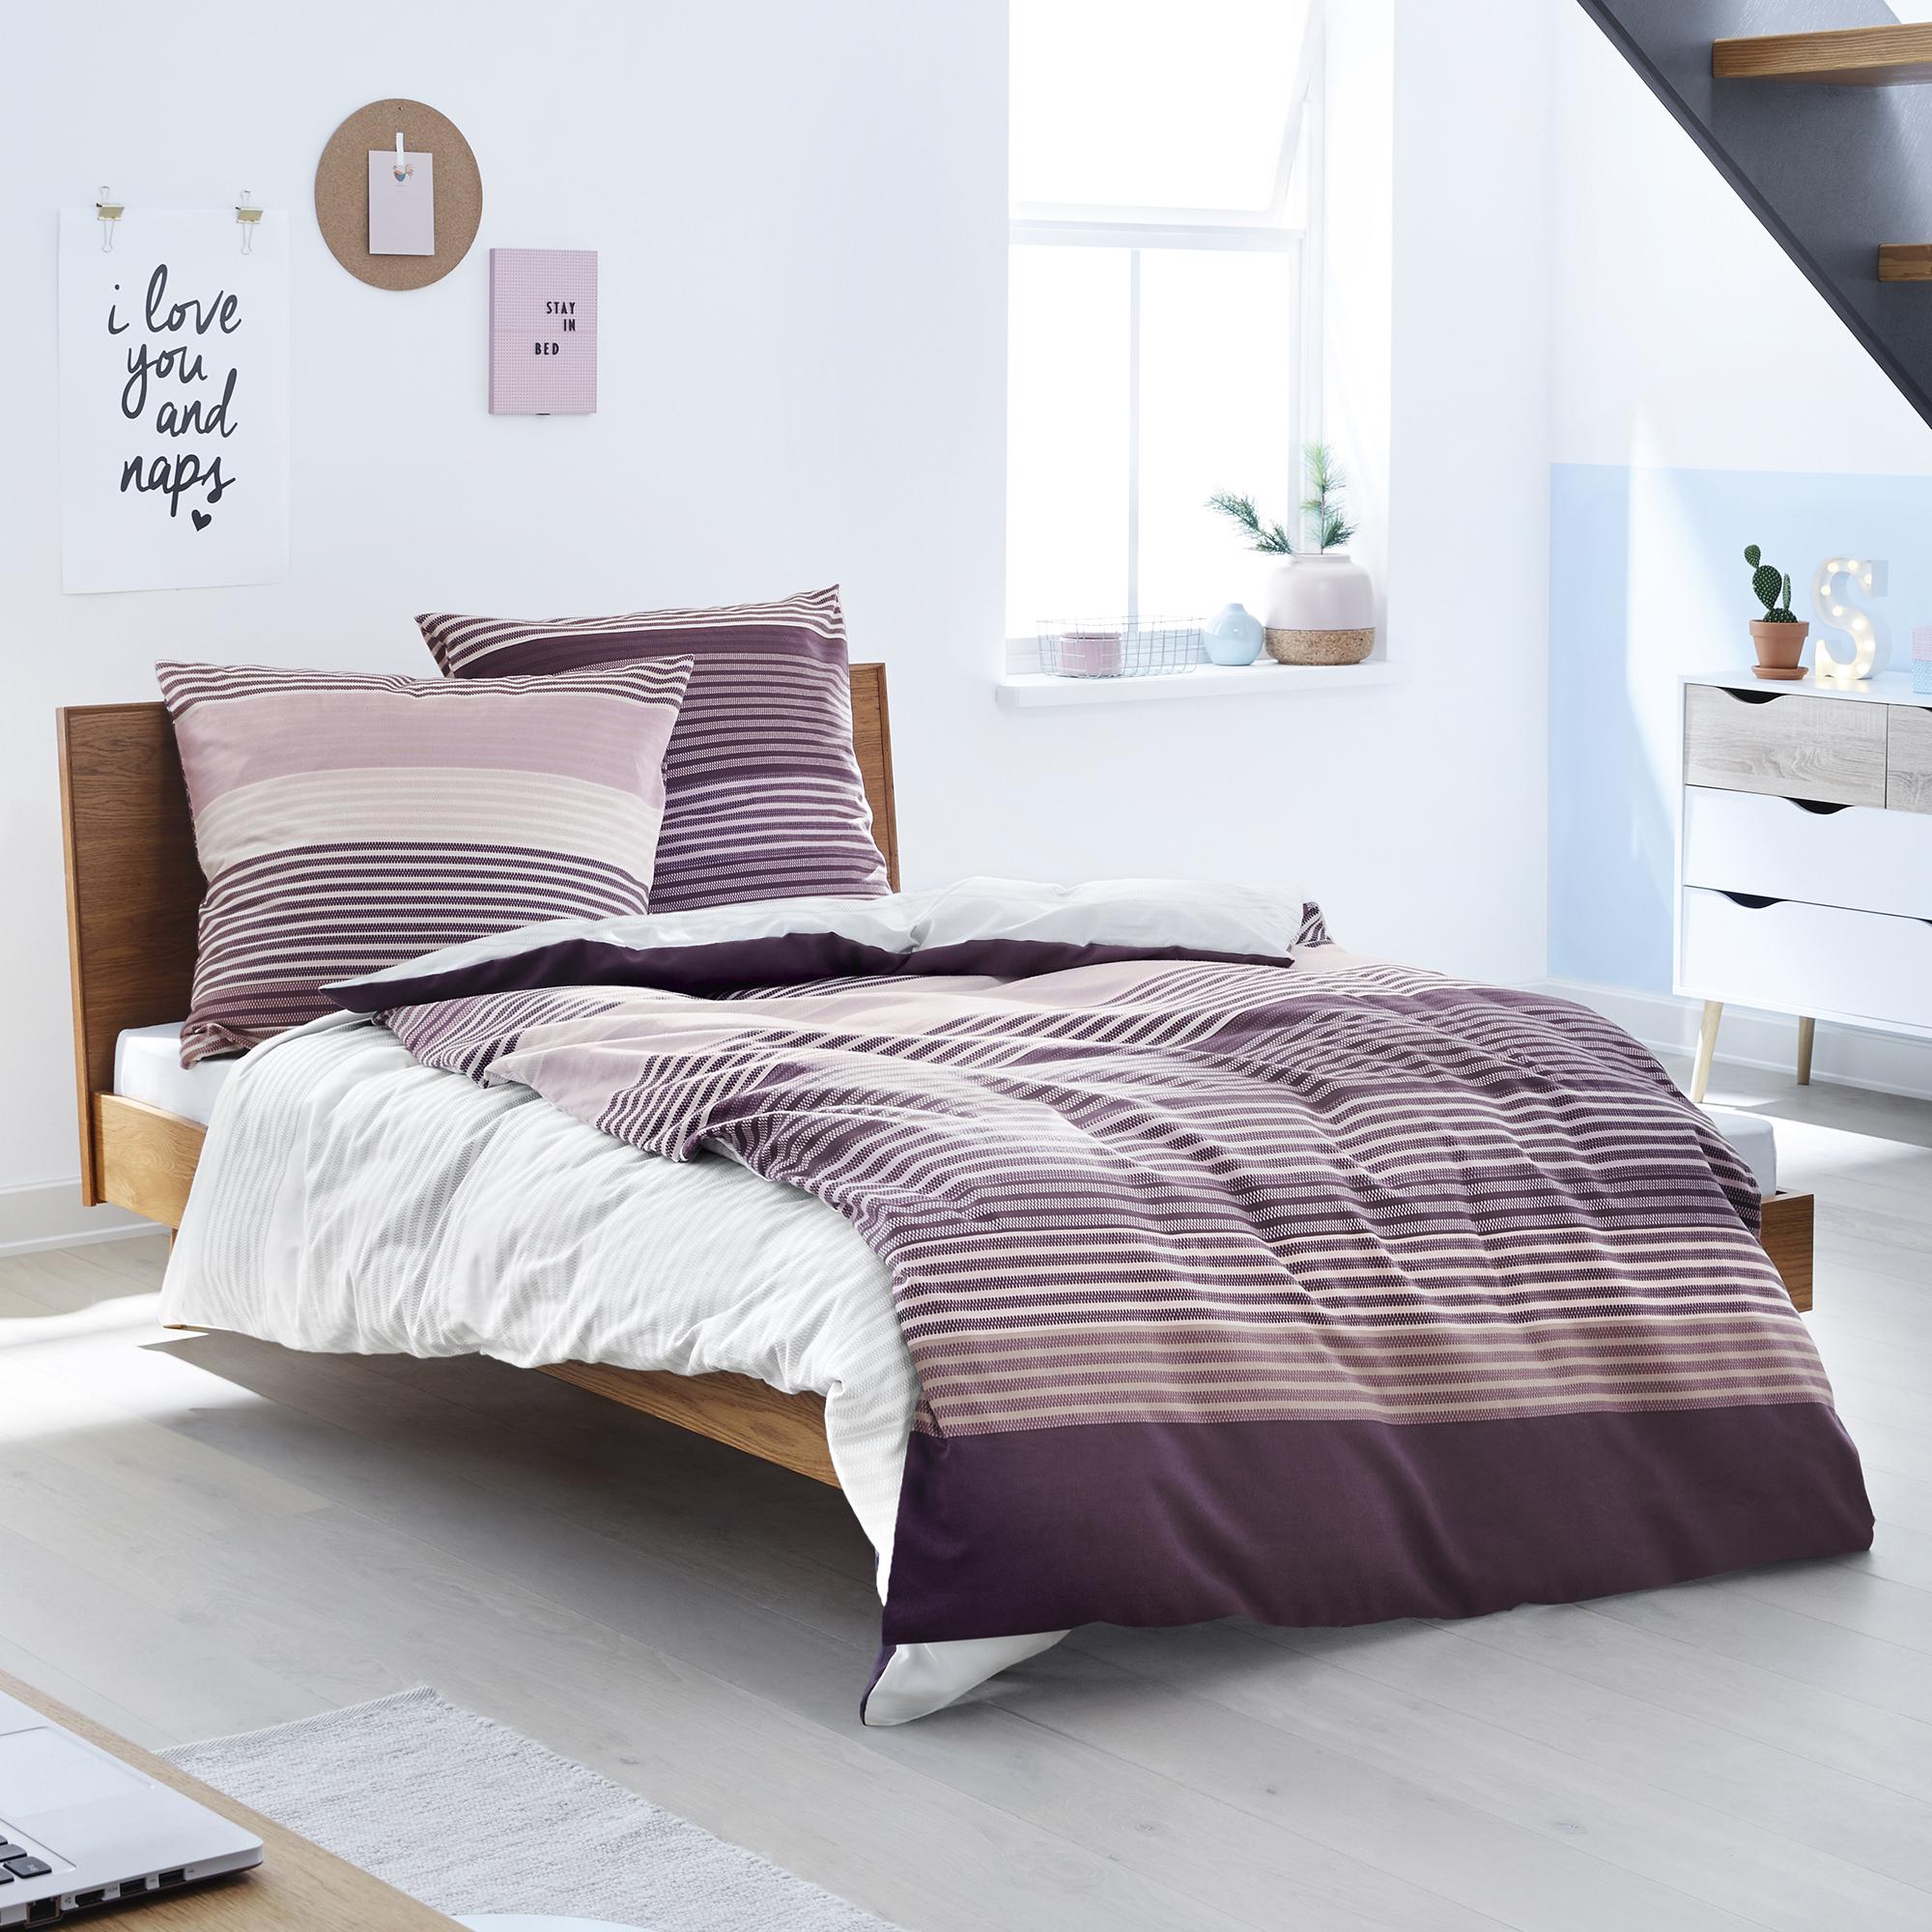 feinflanellbettw sche s oliver ibena online shop. Black Bedroom Furniture Sets. Home Design Ideas